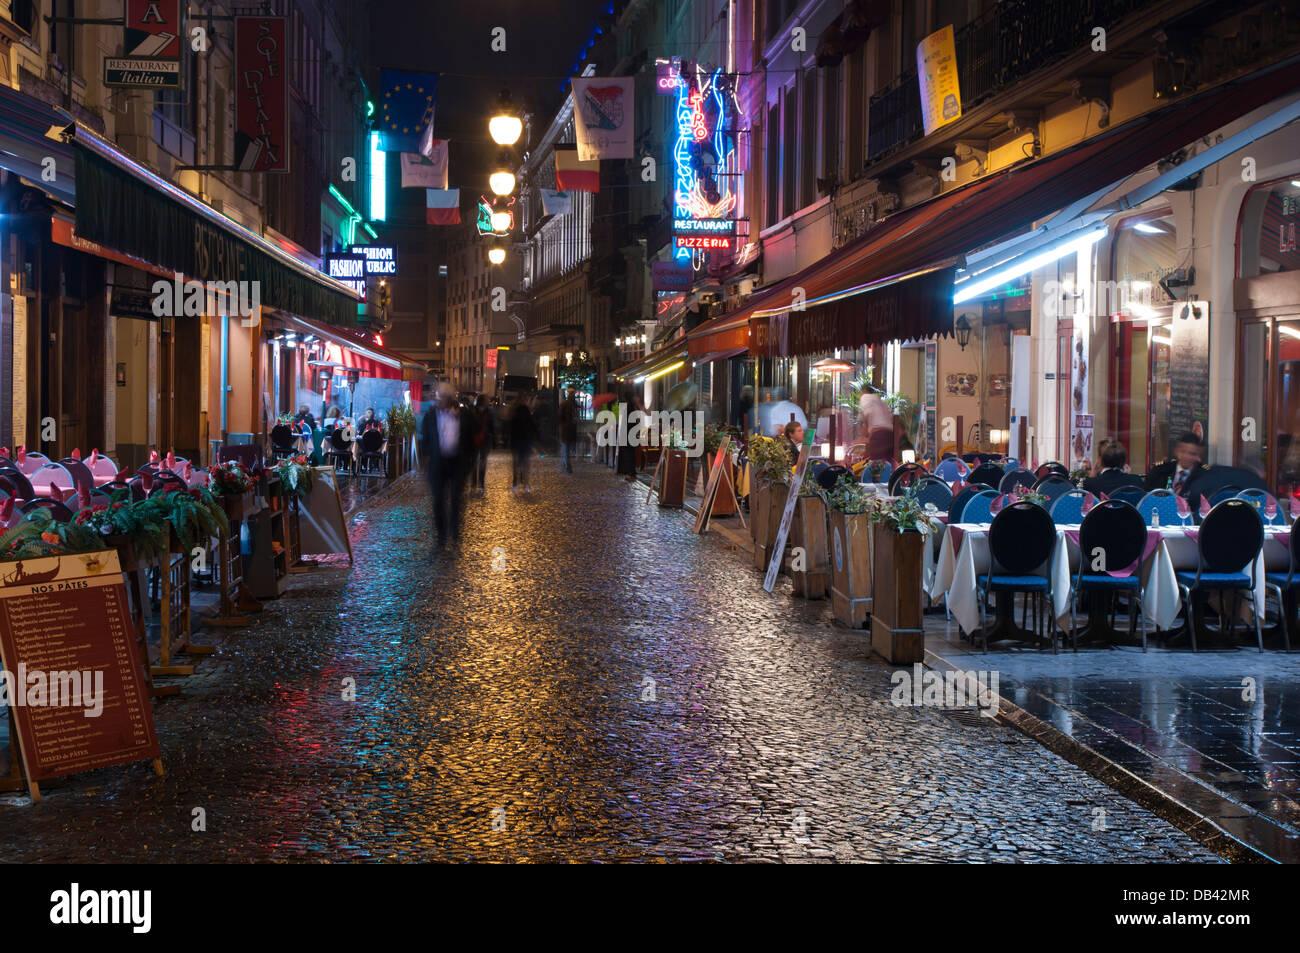 Rue Des Juifs Strasbourg Restaurant